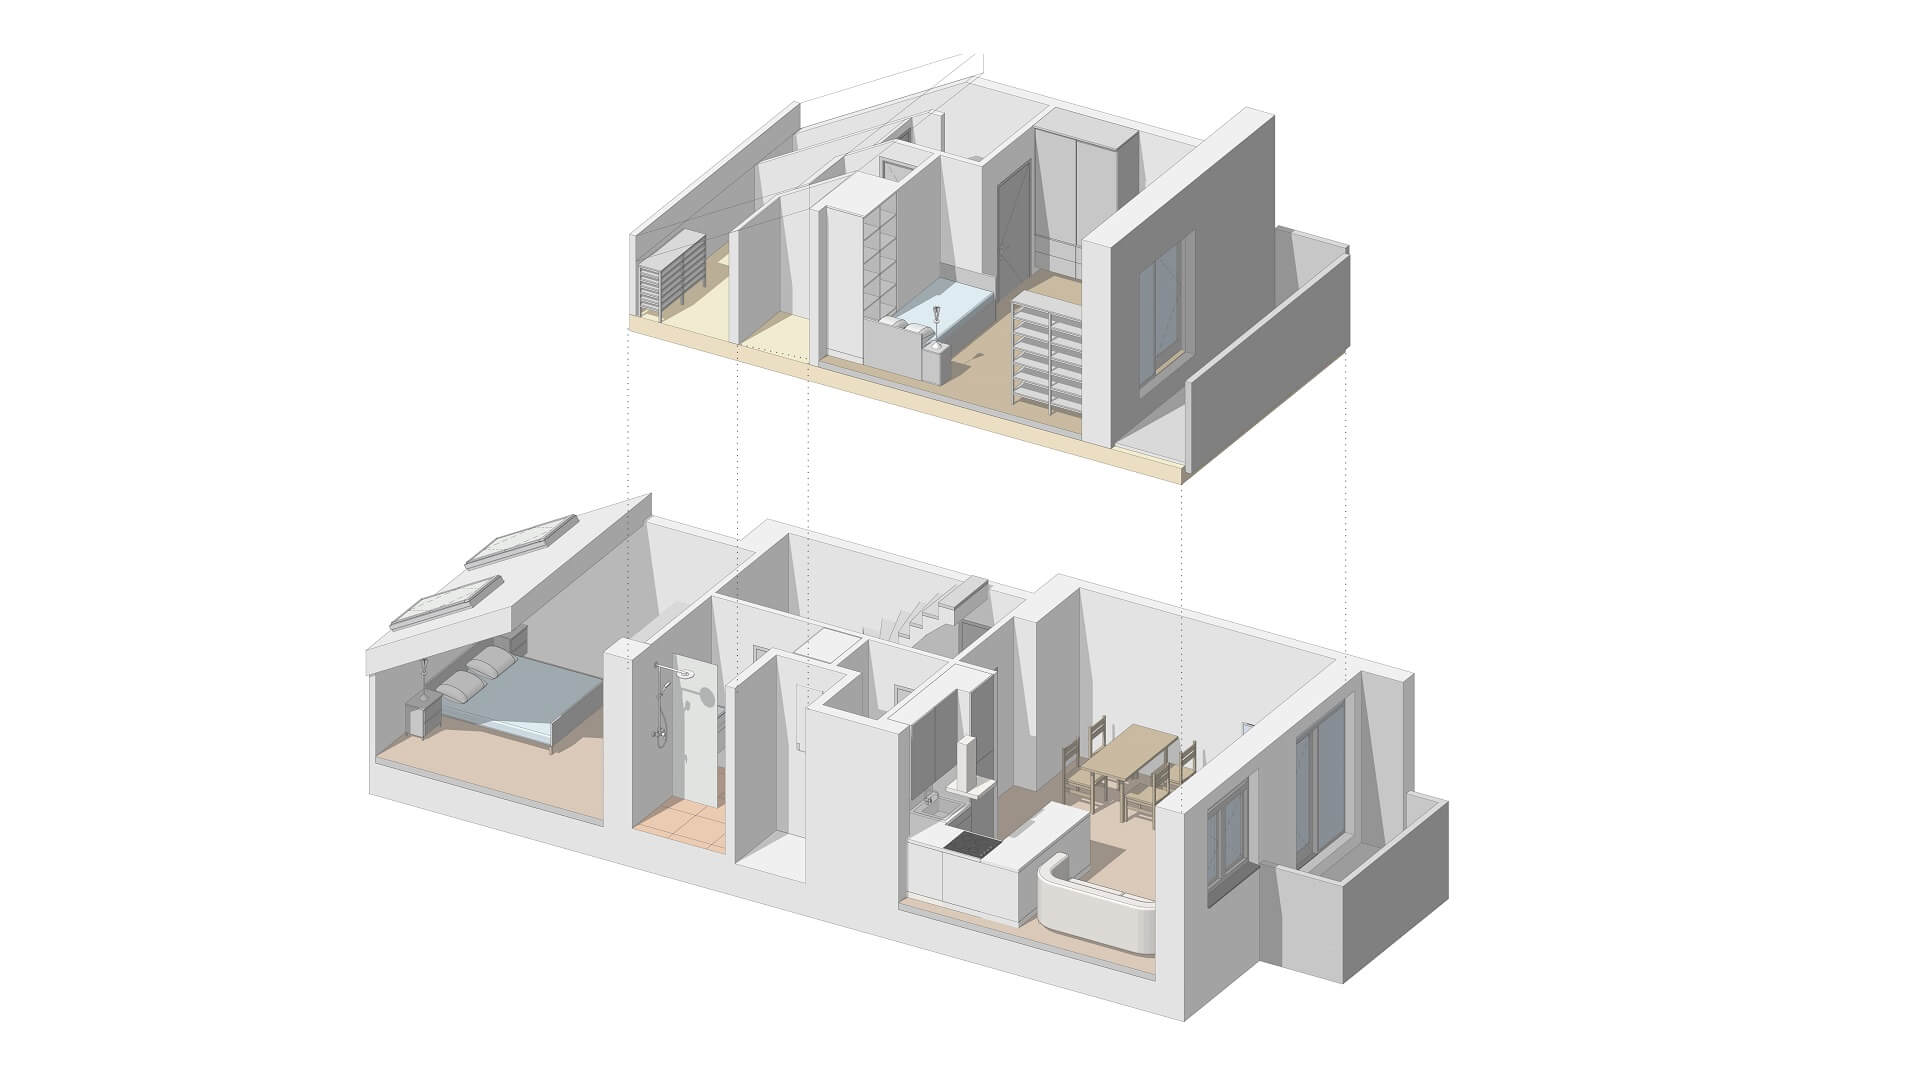 3+KK – Byty na střeše města, byt 16